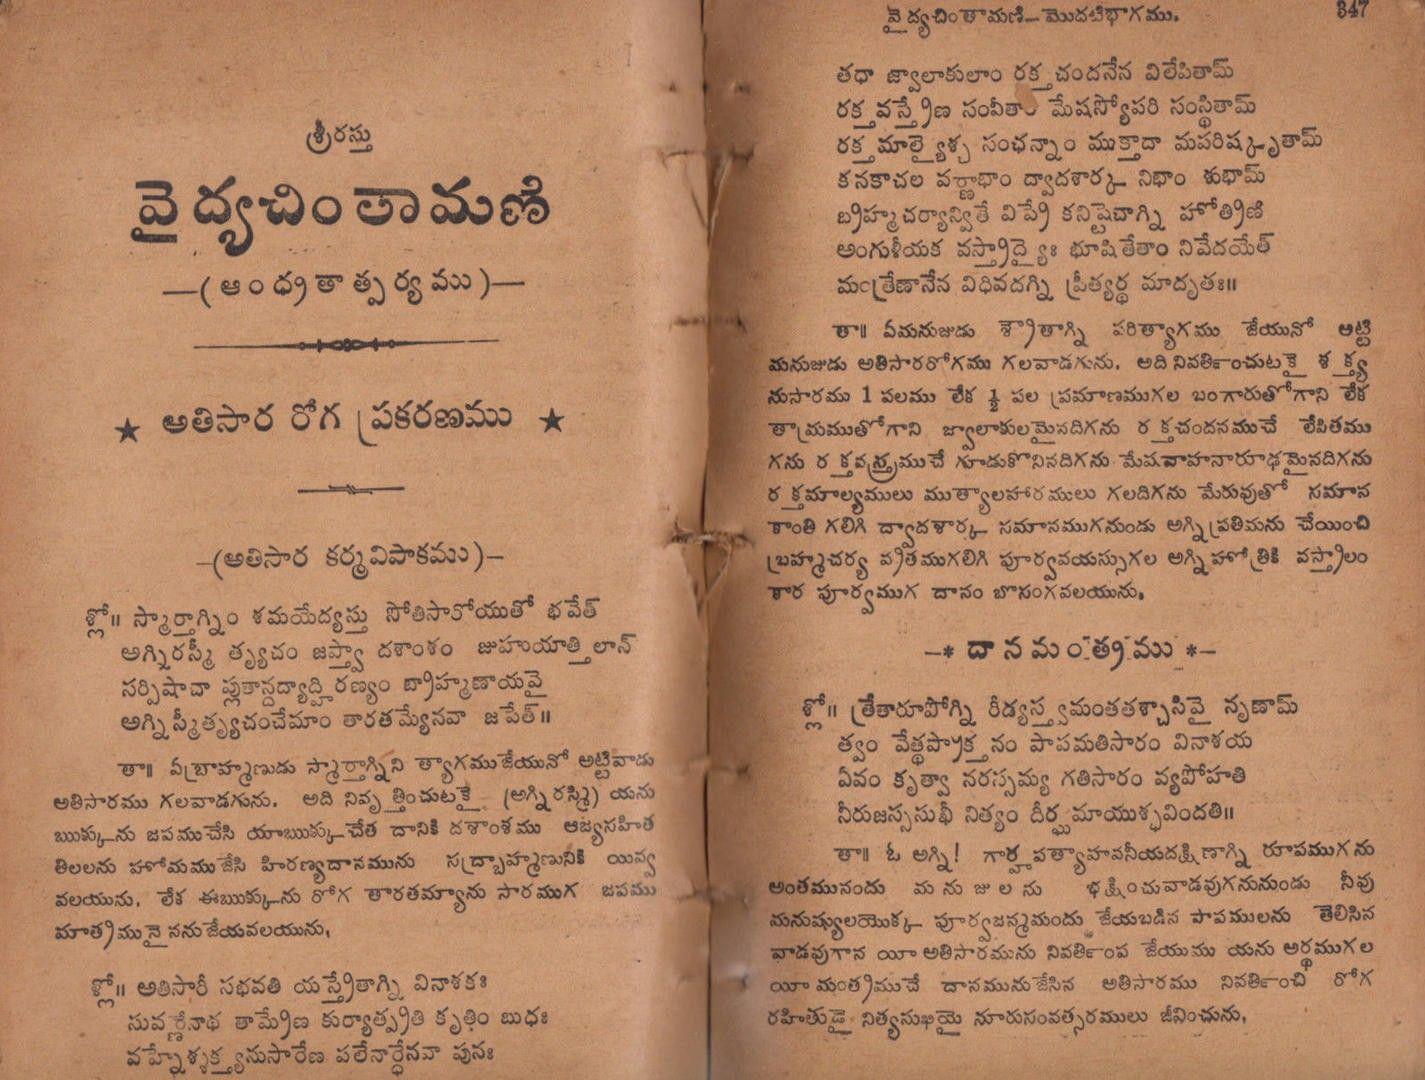 Old Indian Ayurve da Book Ashtanga Hrudayam Sutrstanam